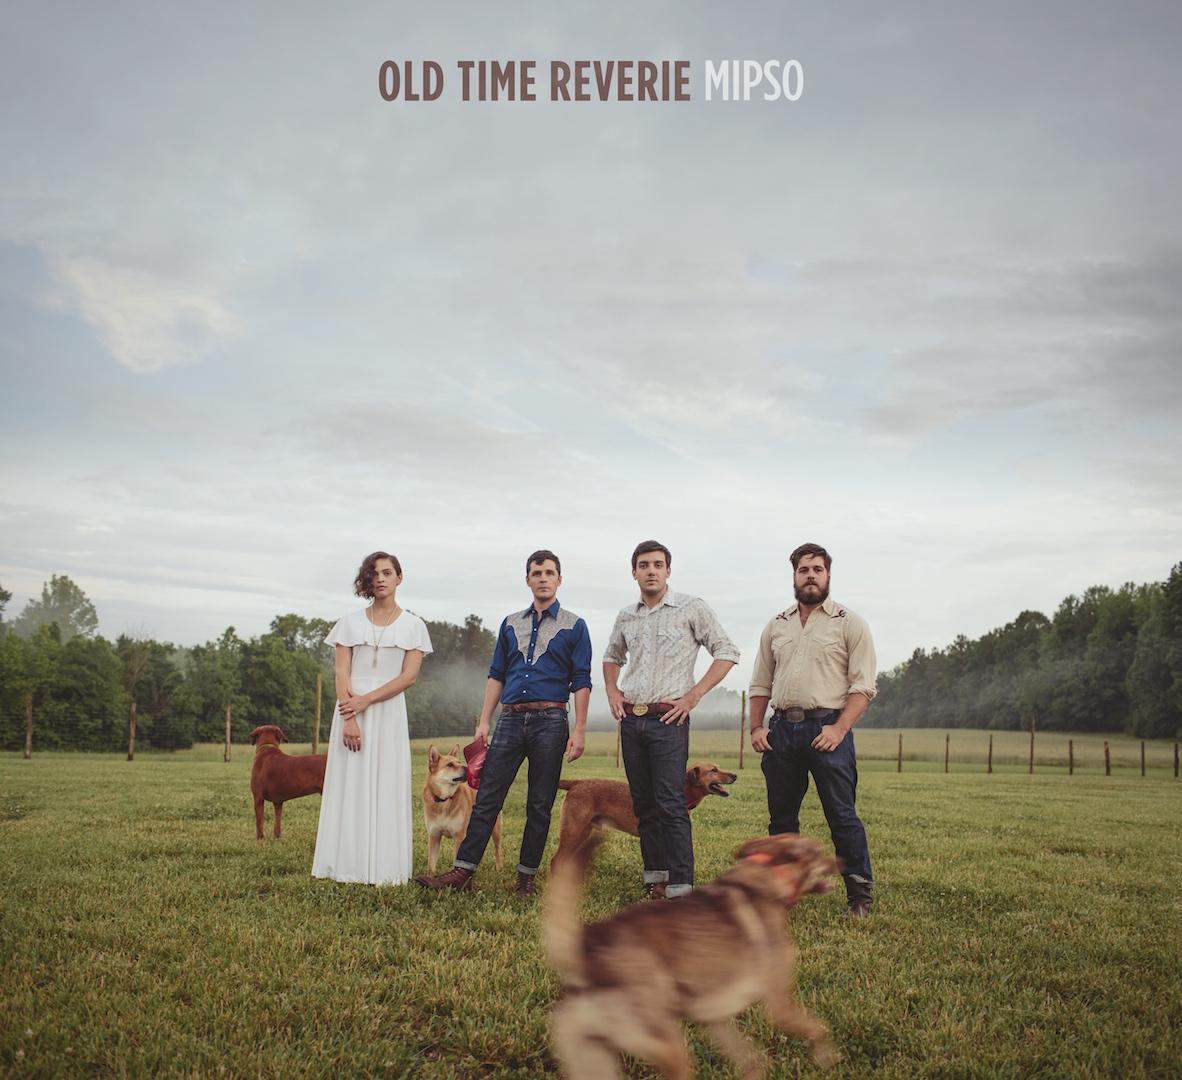 Mipso Album Cover